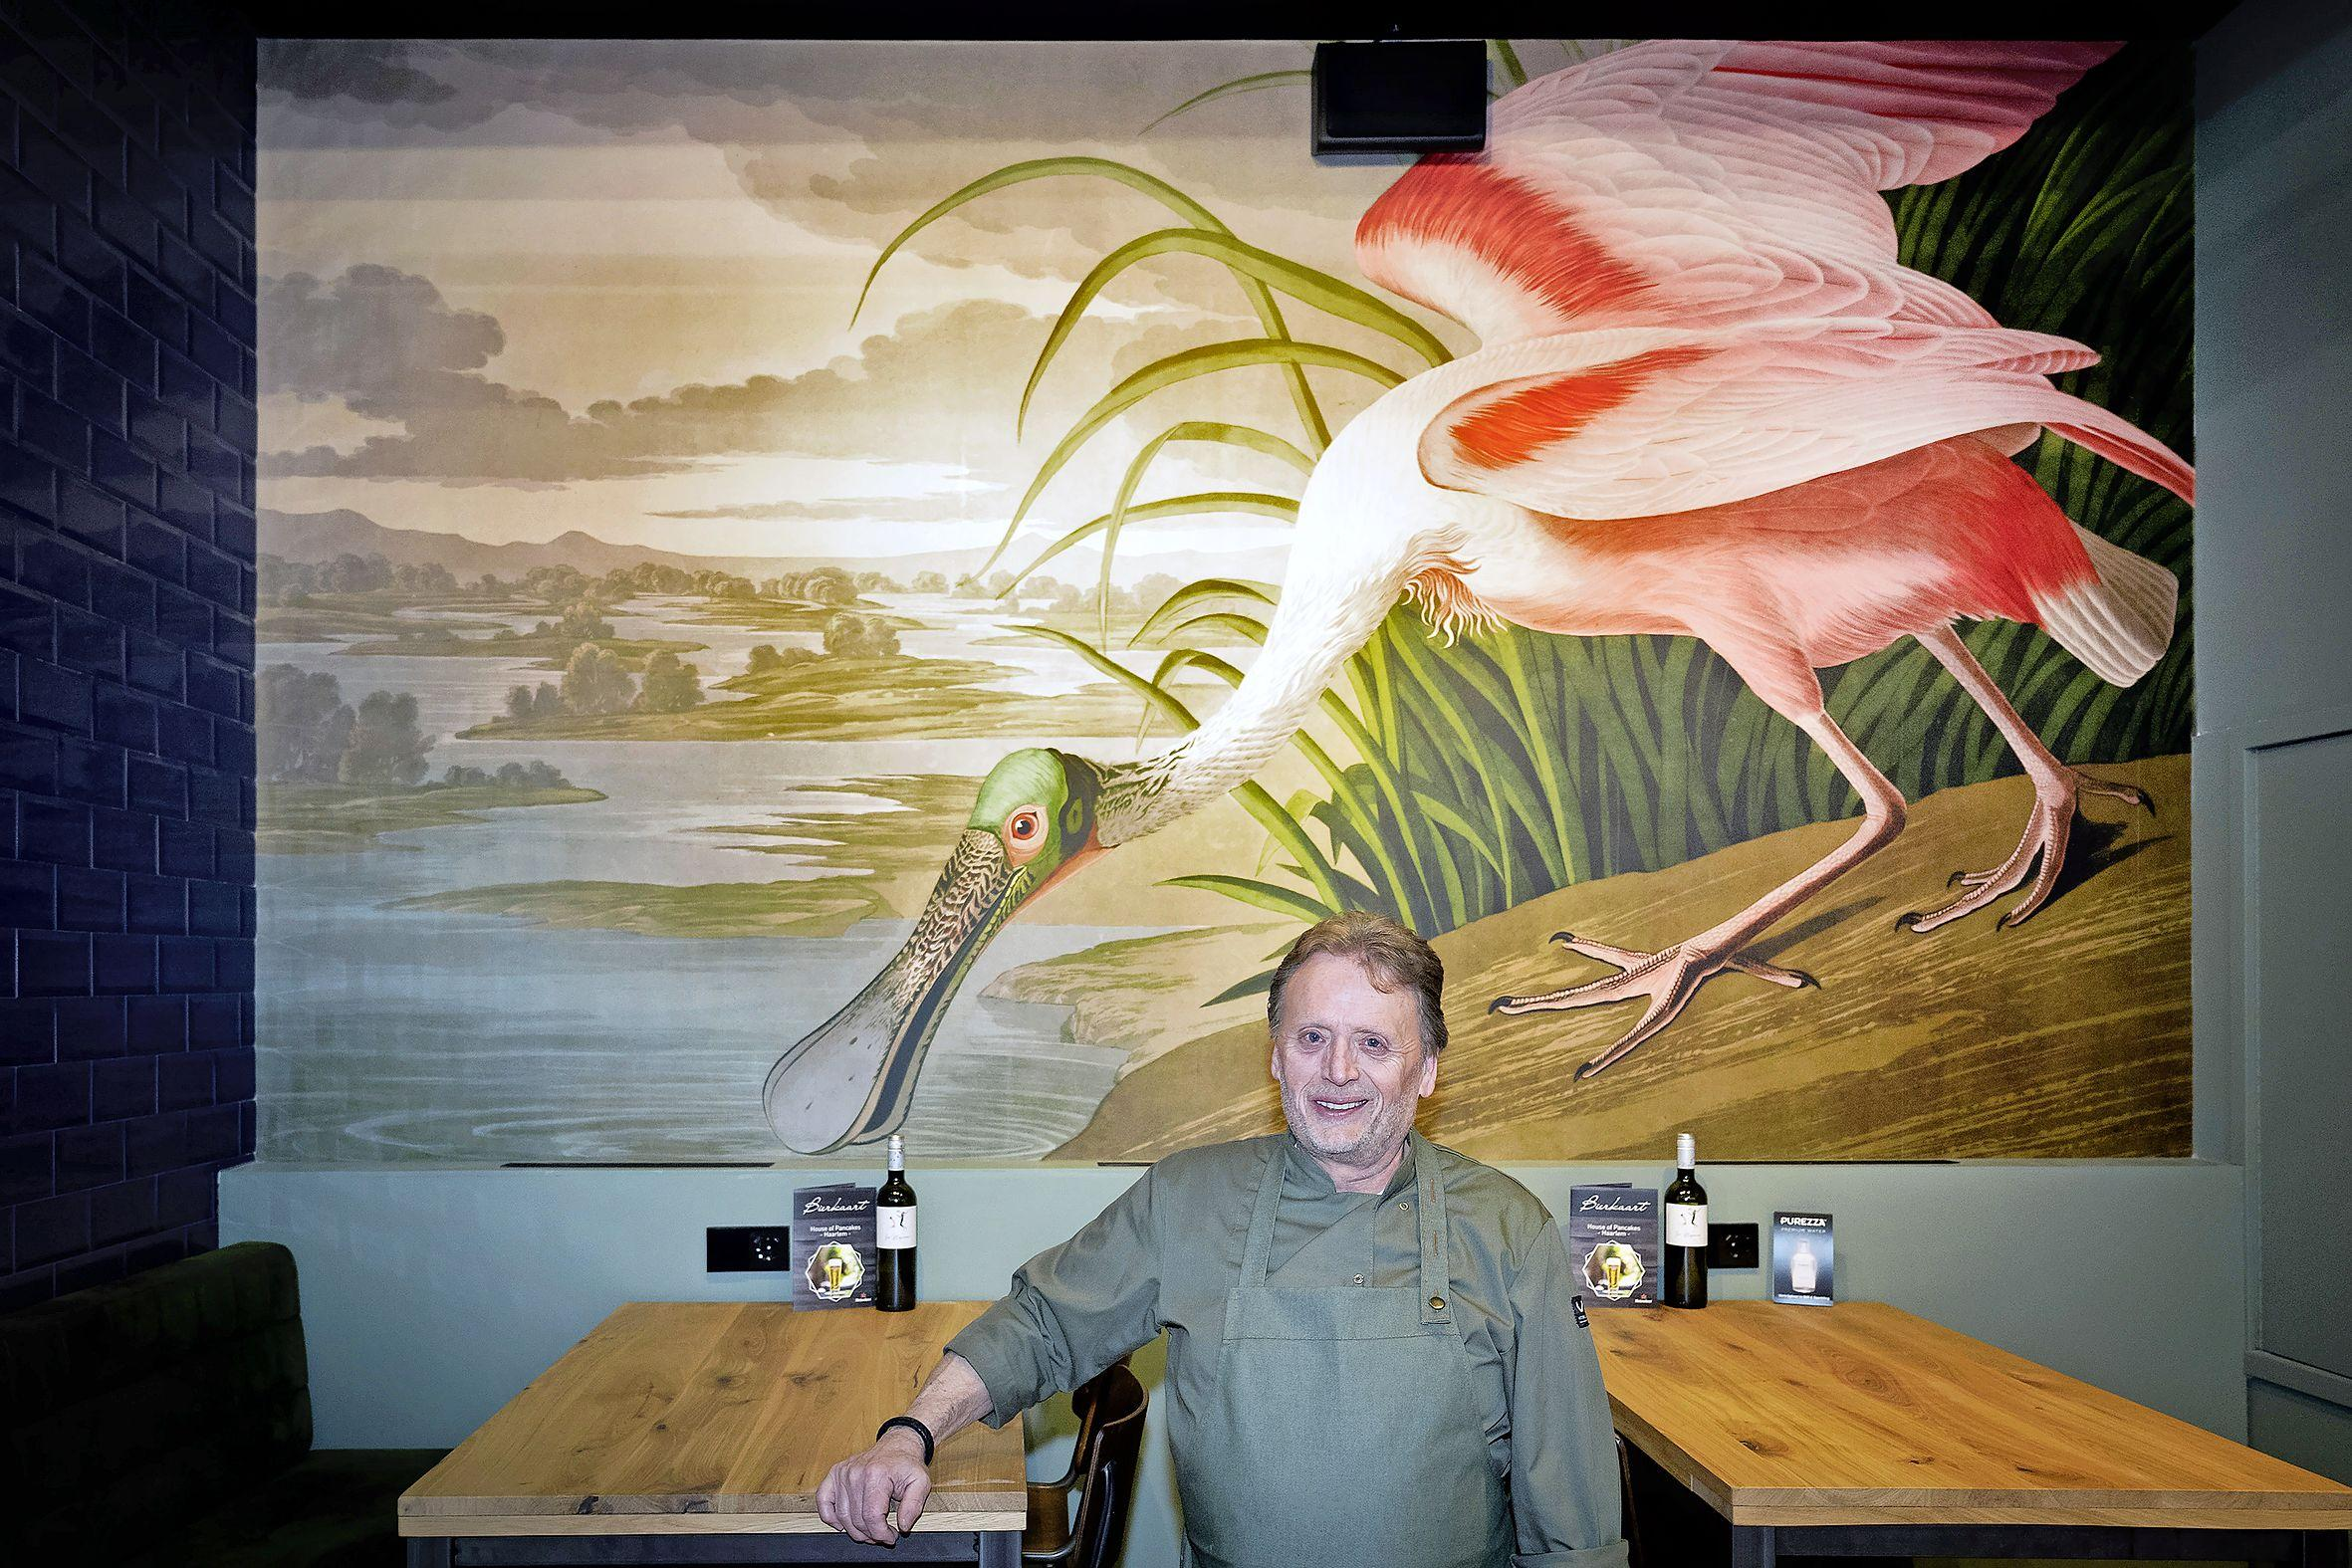 Jean-Paul Brinkman laat werk van omstreden vogelschilder Audubon in zijn restaurant hangen 'Je moet niet wegkijken van het probleem, maar er juist het gesprek over aan gaan'